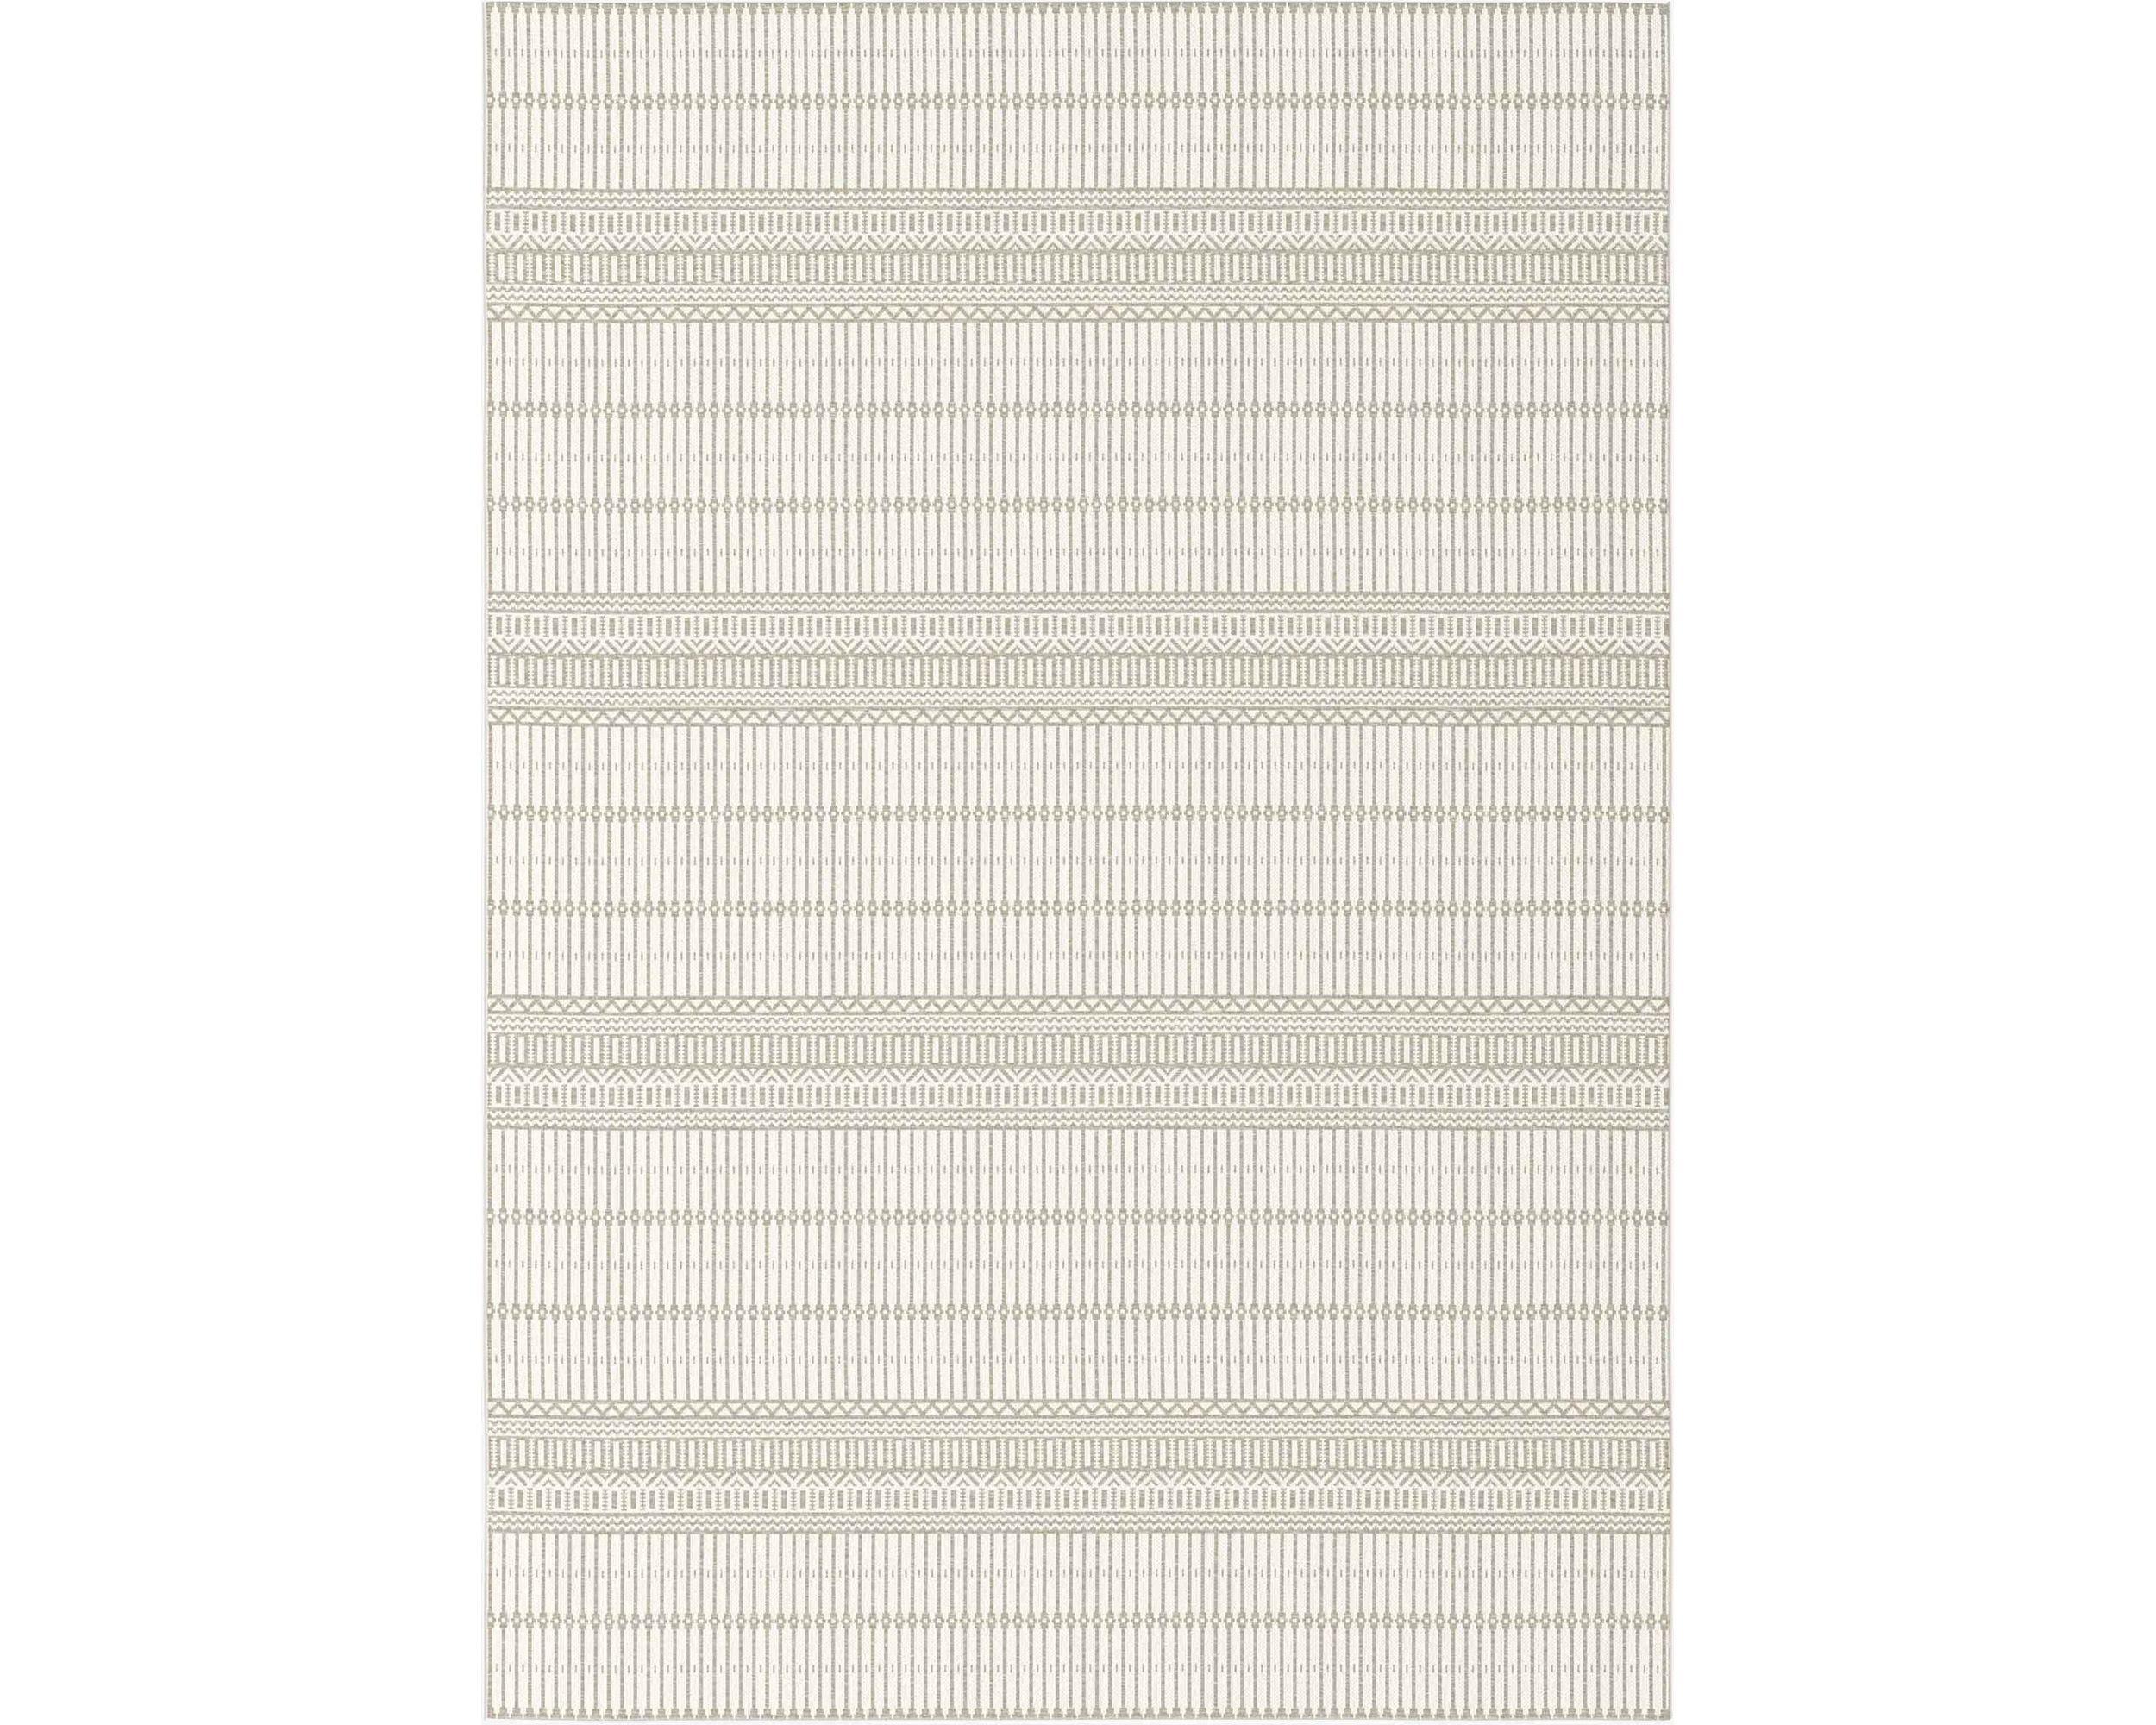 Teppich Amelie groß 240x340 cm